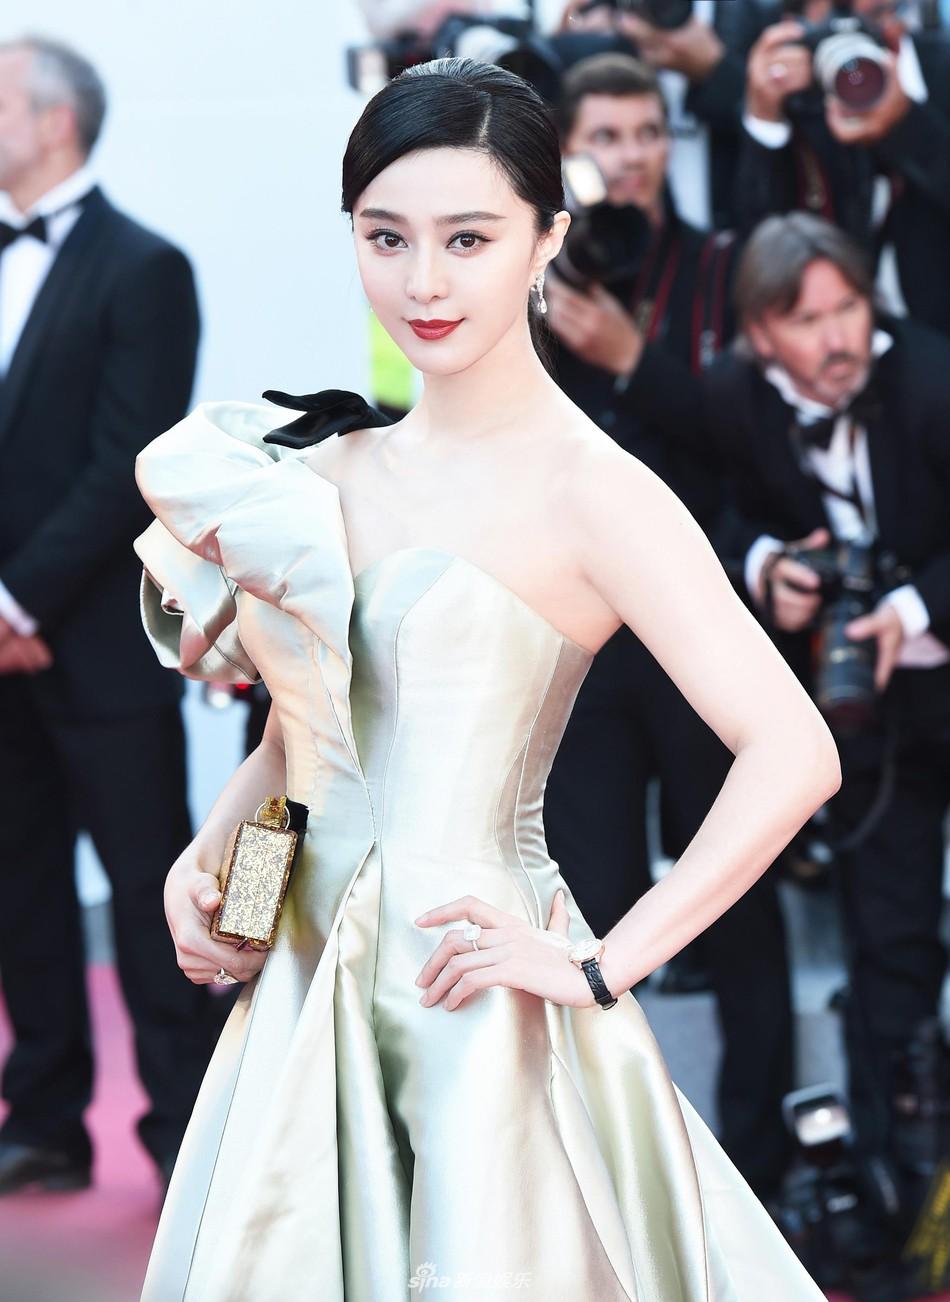 Thảm đỏ Cannes: Đây mới chính là nữ hoàng Phạm Băng Băng mà tất cả cùng mong chờ! - Ảnh 2.